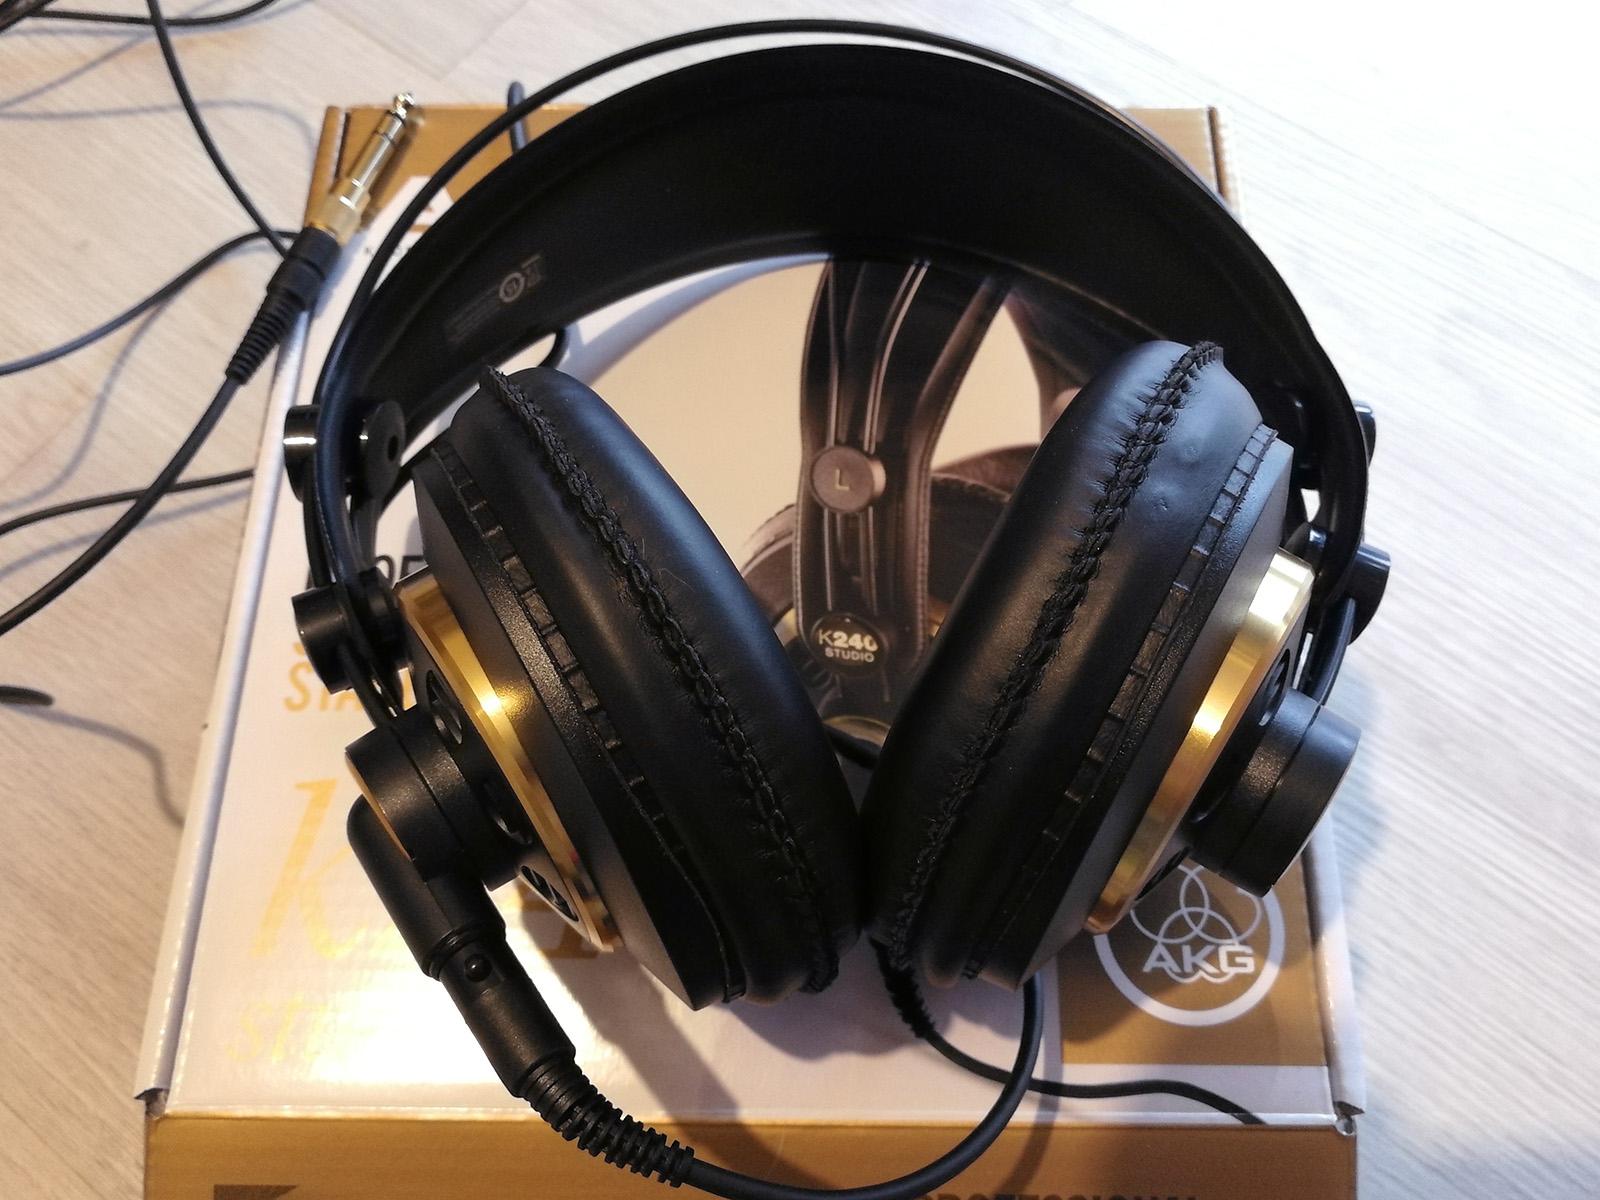 K 240 STUDIO - AKG K 240 Studio - Audiofanzine d04c3f187bef